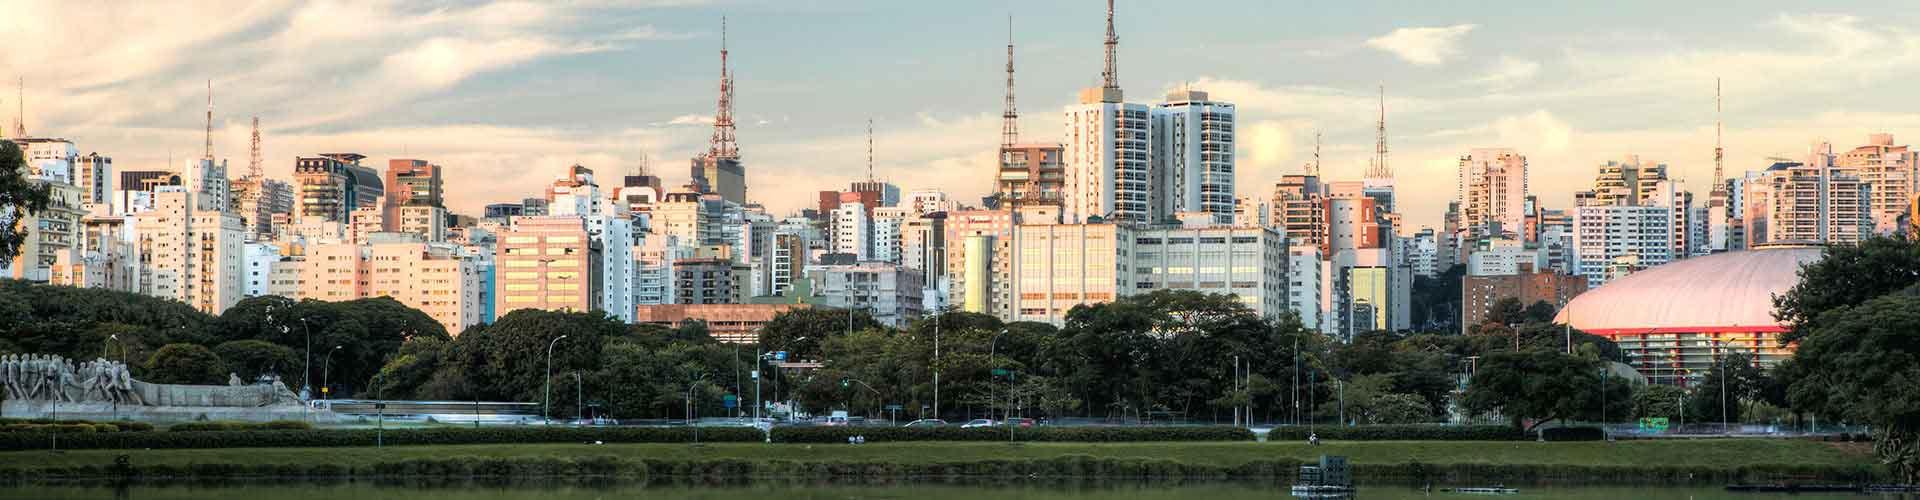 Sao Paulo - Albergues en Sao Paulo. Mapas de Sao Paulo, Fotos y Comentarios para cada Albergue en Sao Paulo.